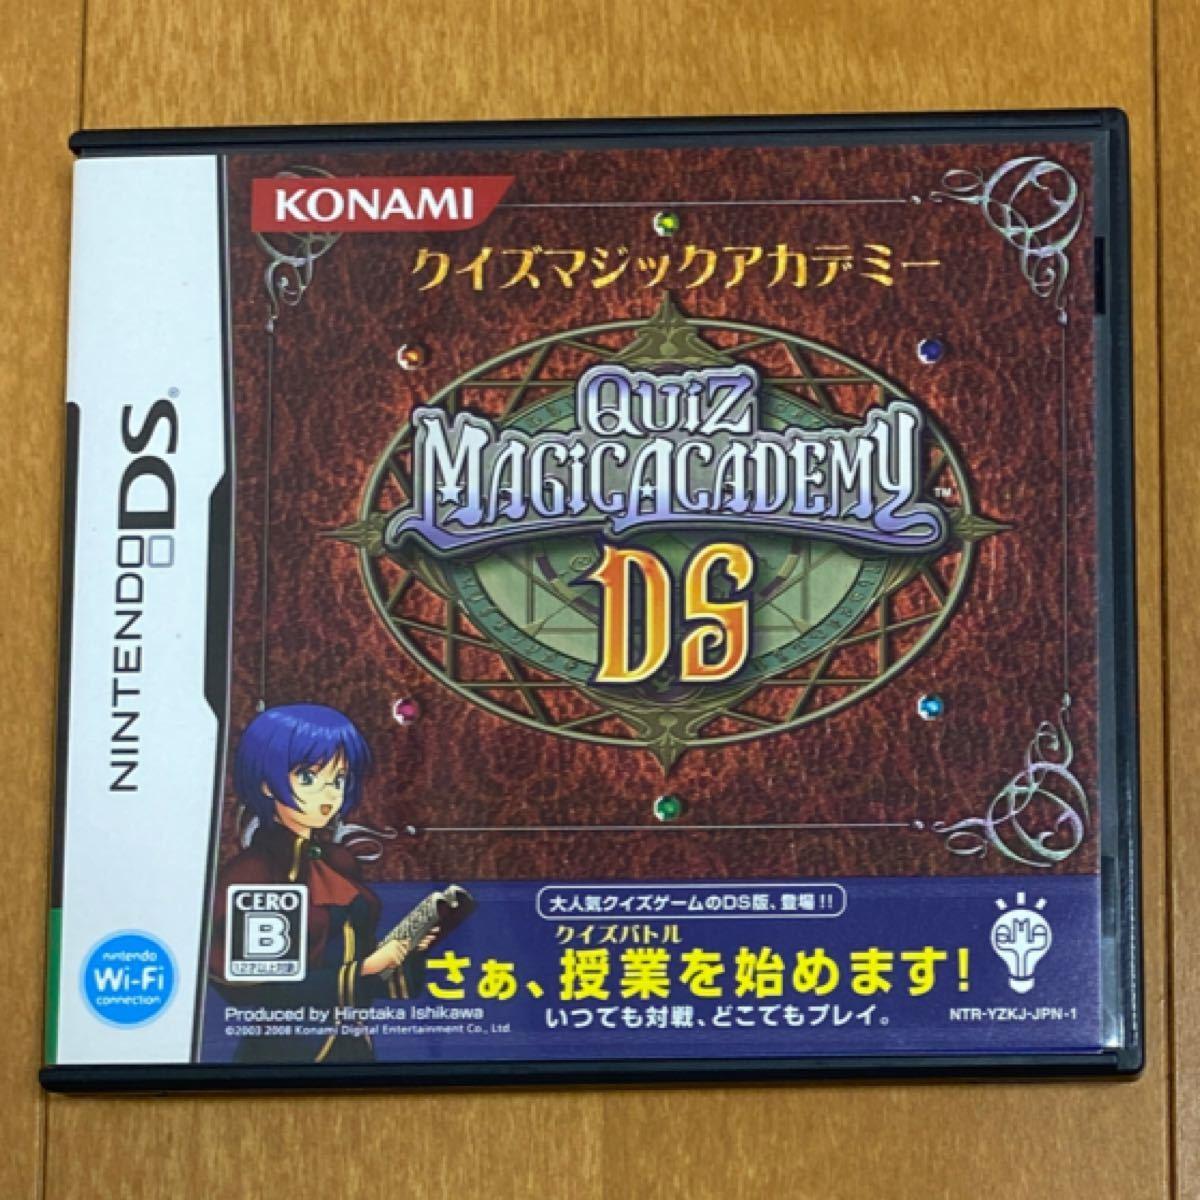 【DS】 クイズマジックアカデミー DS(説明書無し) DSソフト